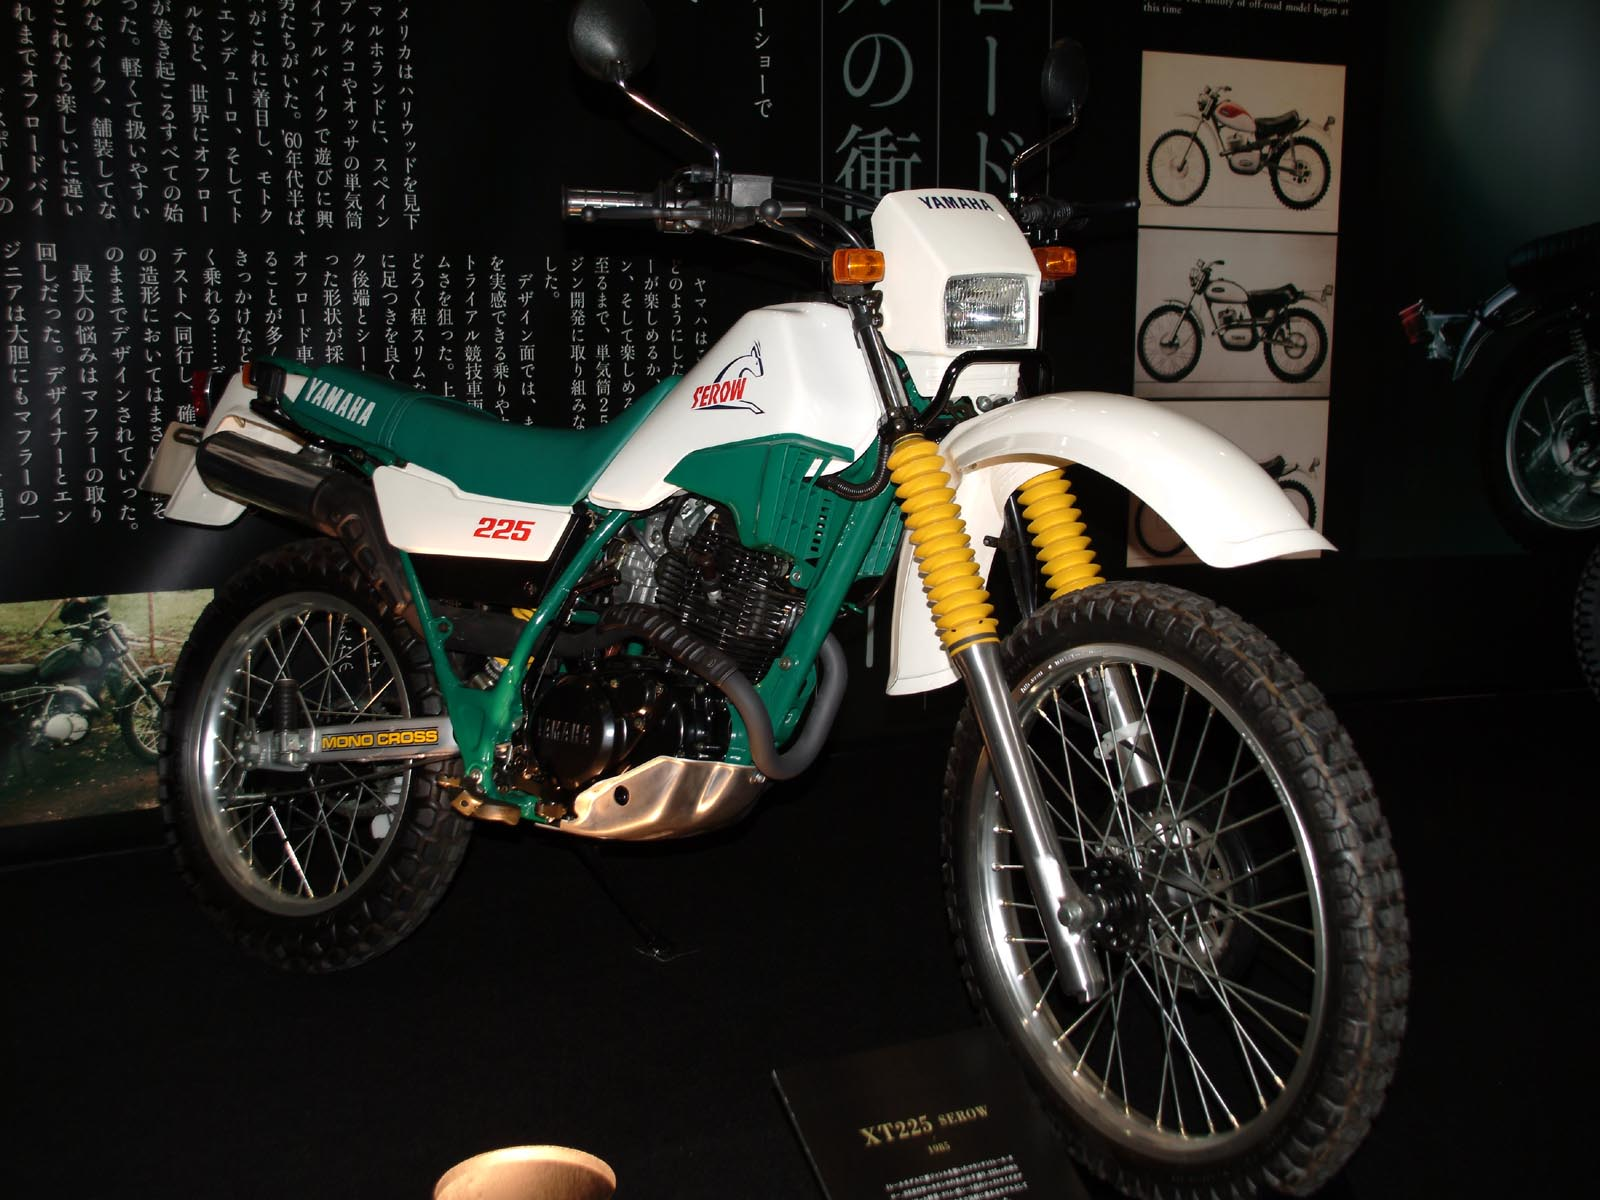 Yamaha XT225 - Wikipedia